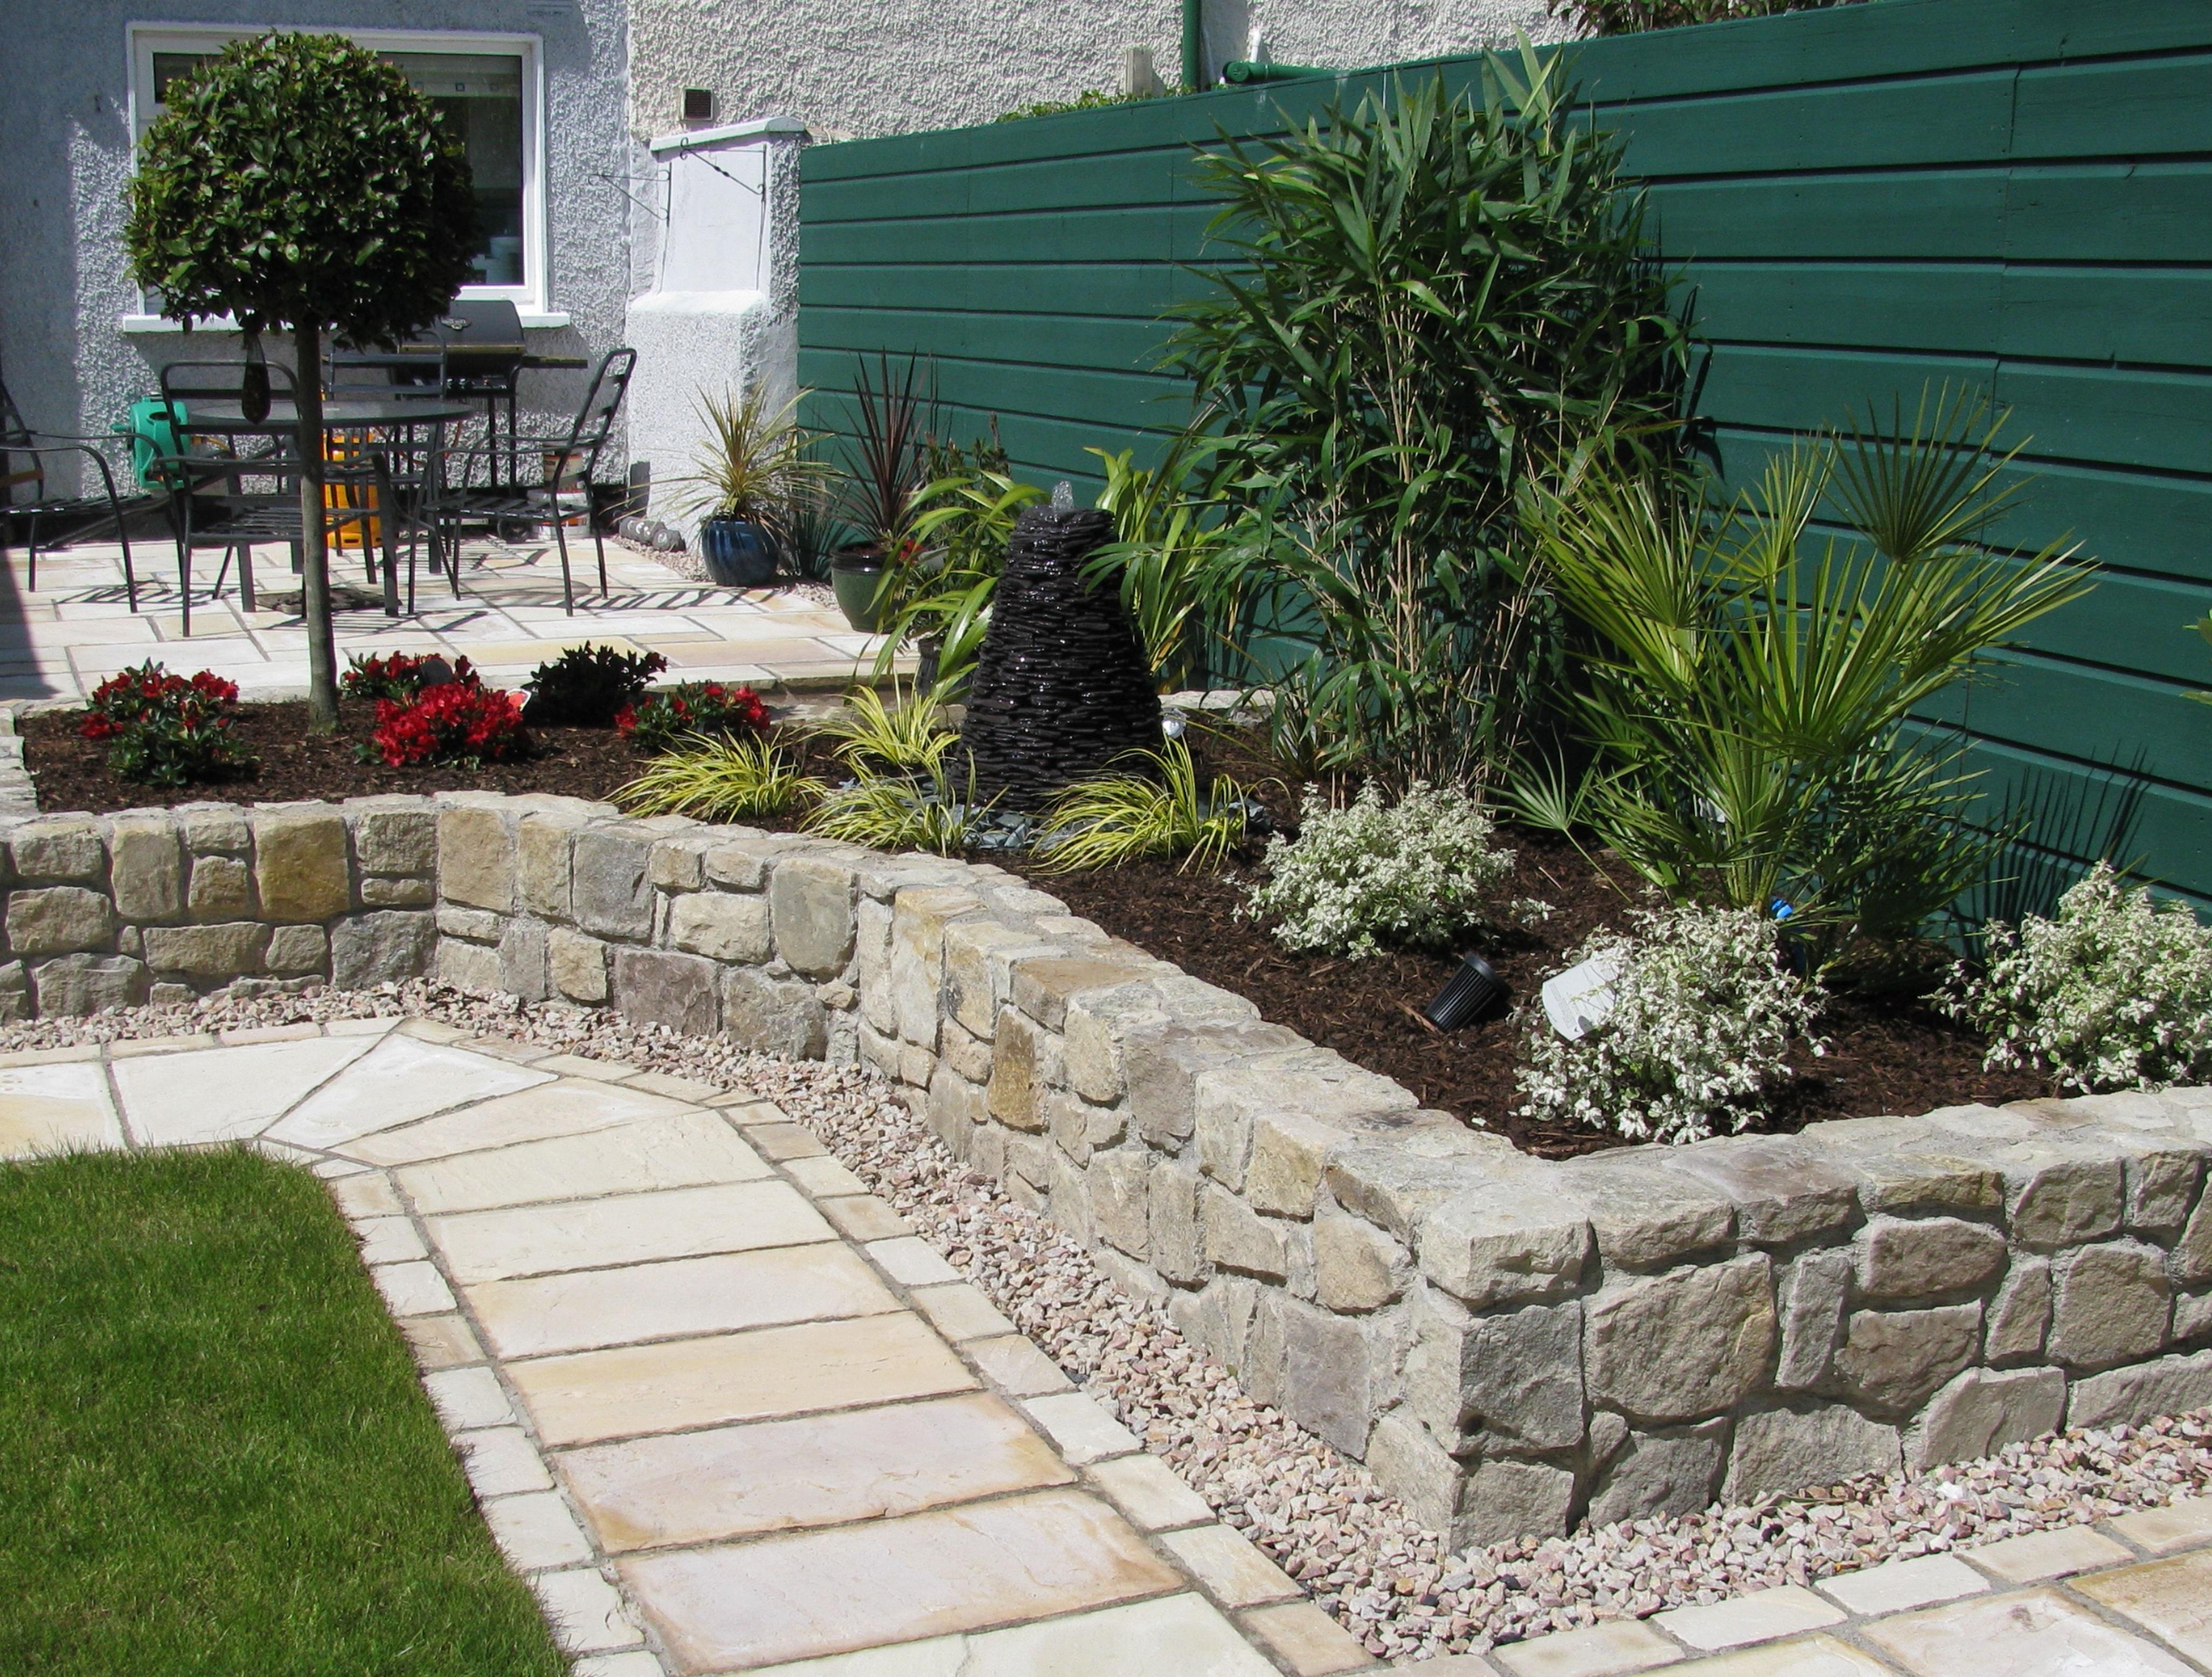 Posillipo giardinaggio servizi for Progettazione aiuole